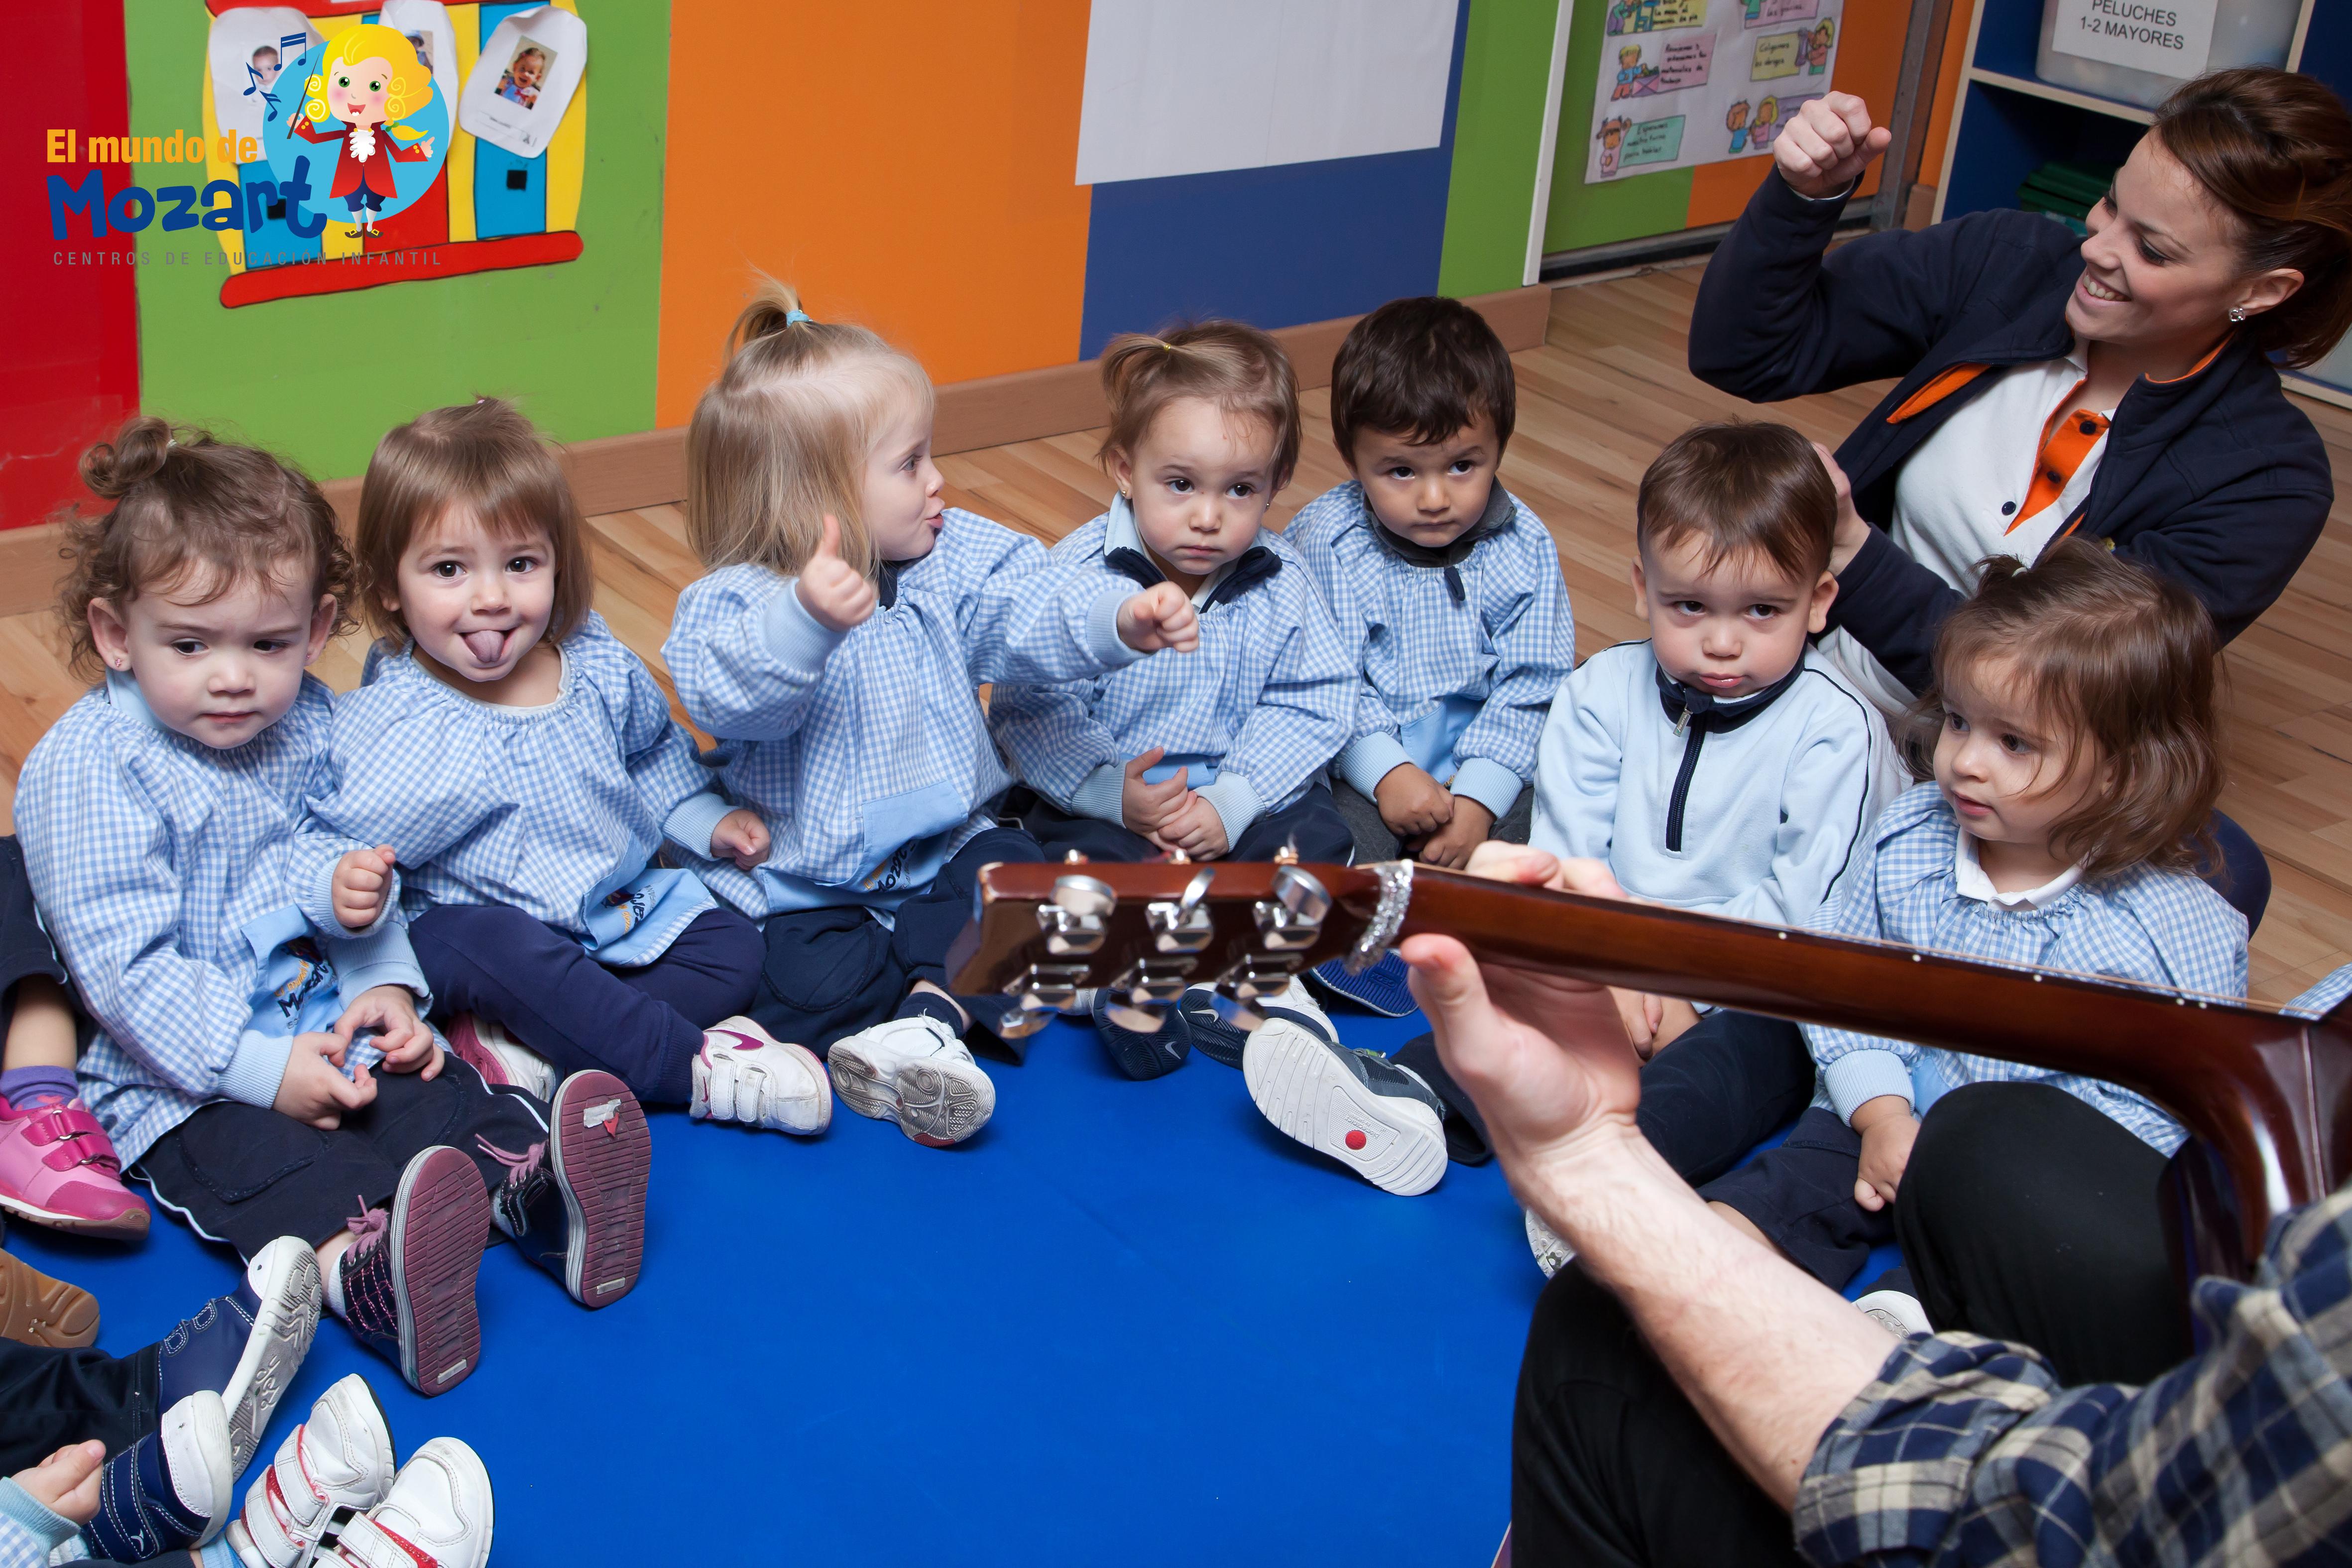 Canciones Infantiles Musica Y Letra En Ingles Bahuma Sticker